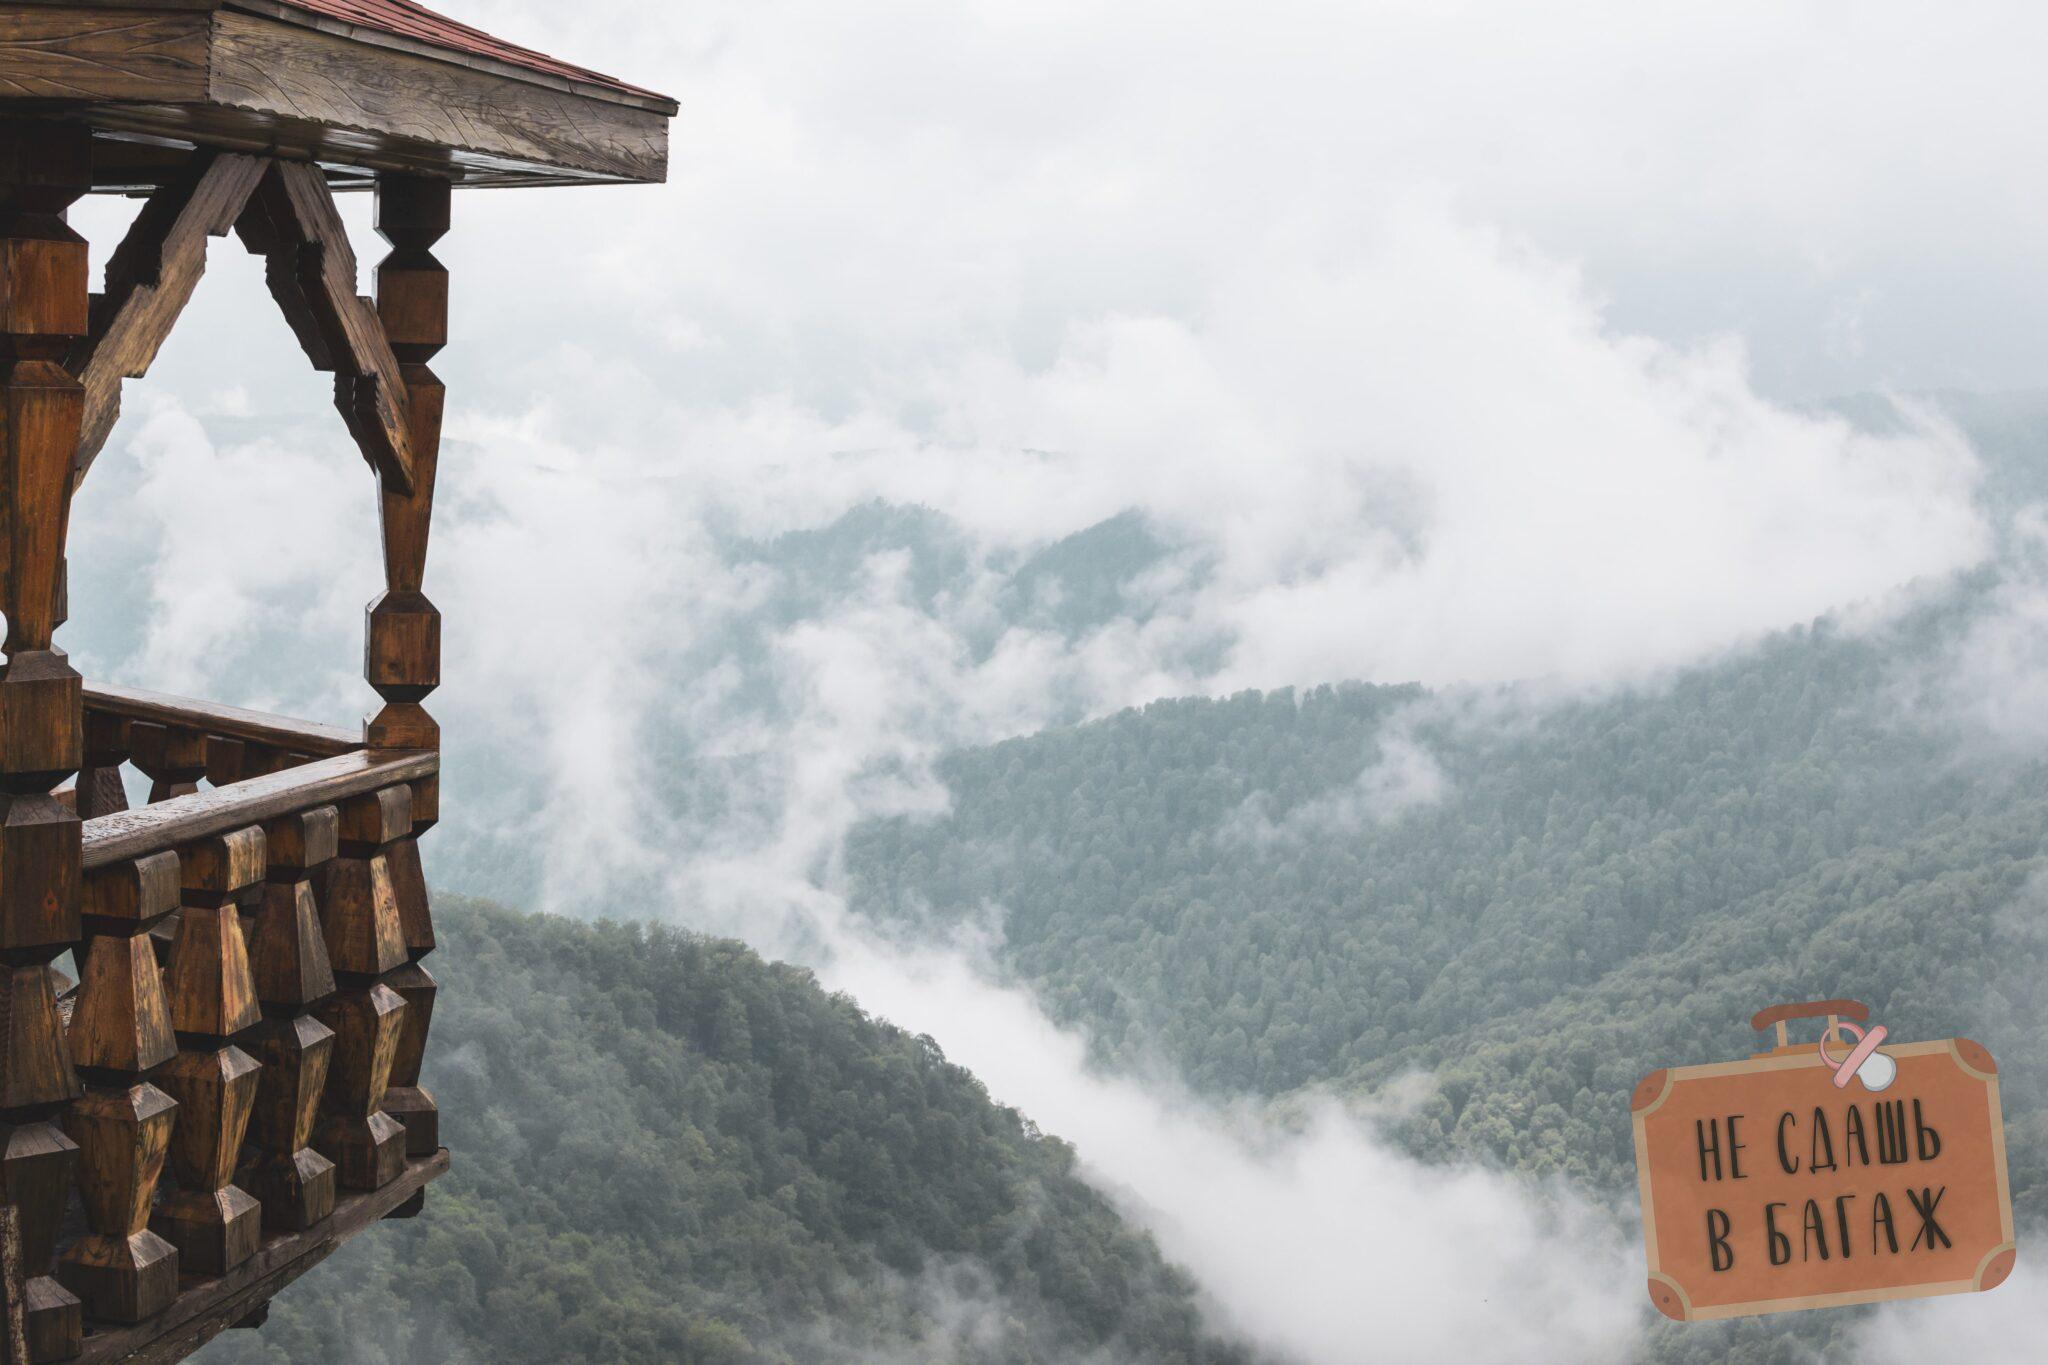 Адыгея - красивые места, смотровая в облаках, Горное настроение